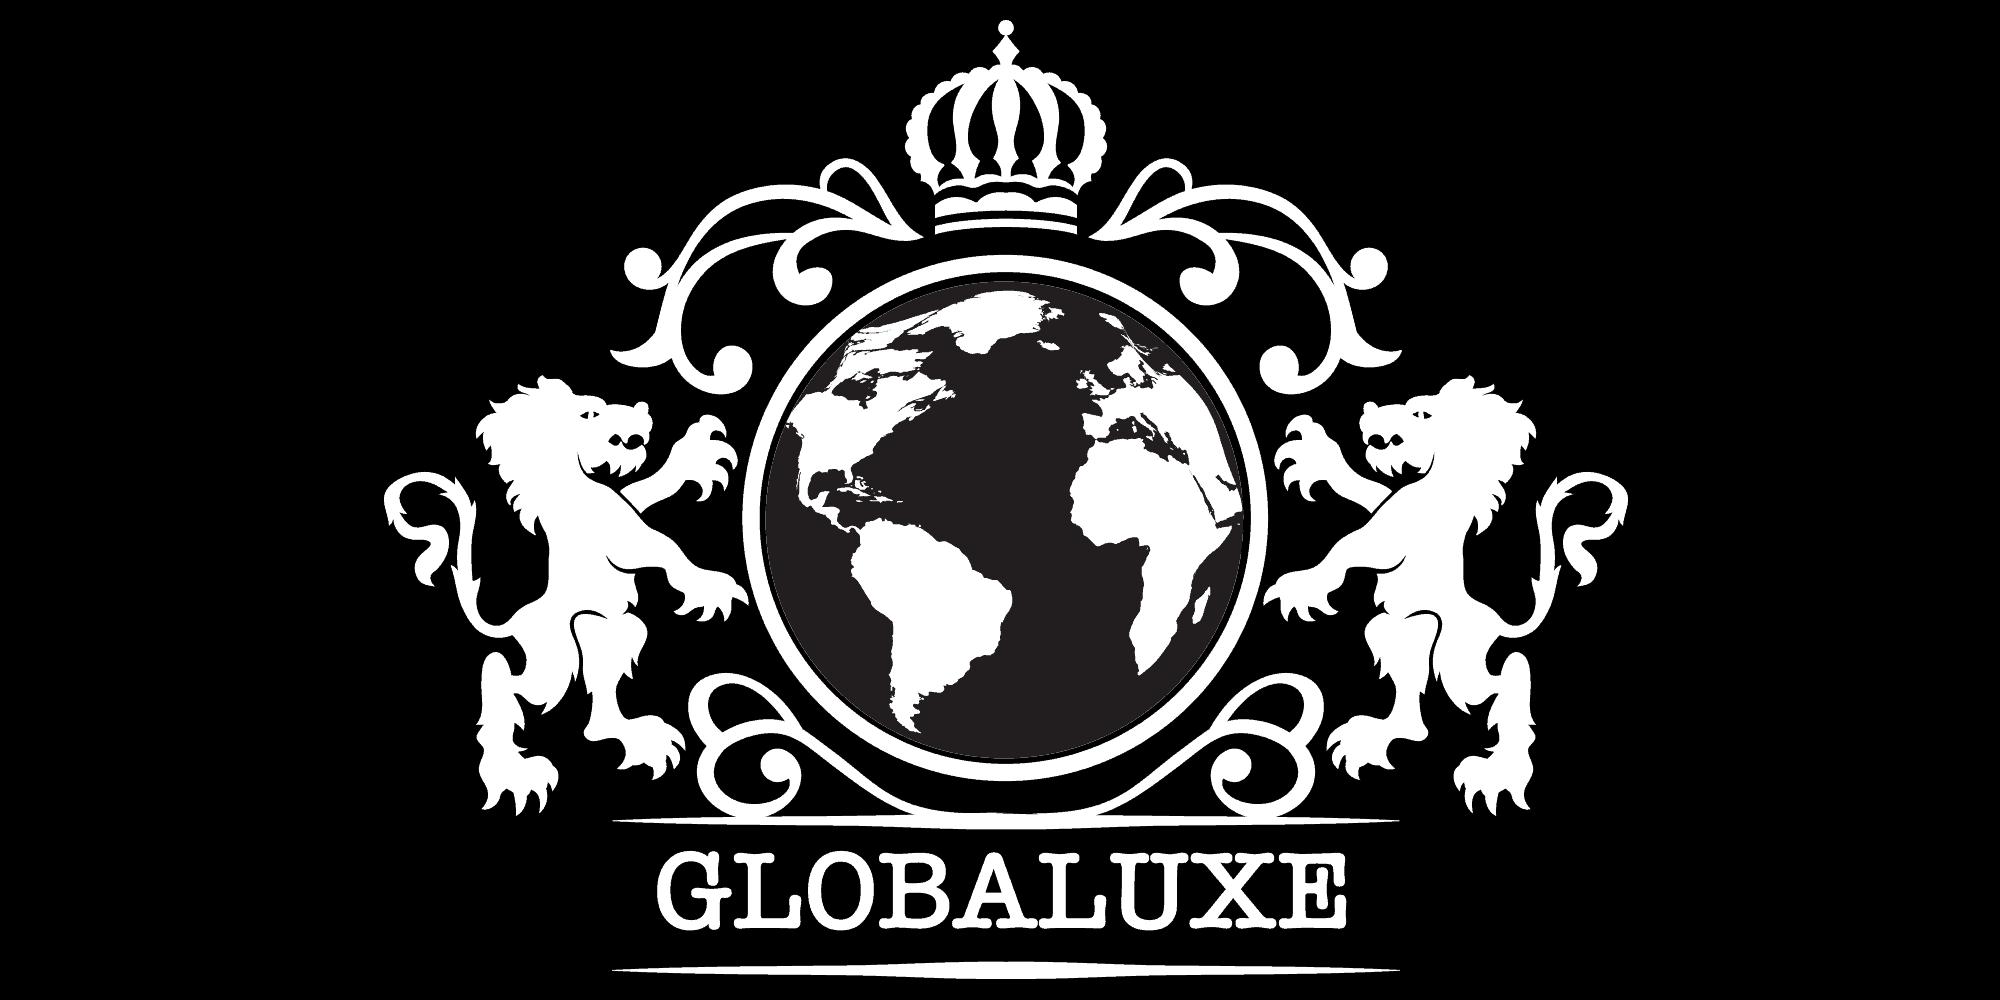 globaluxe_logo-white